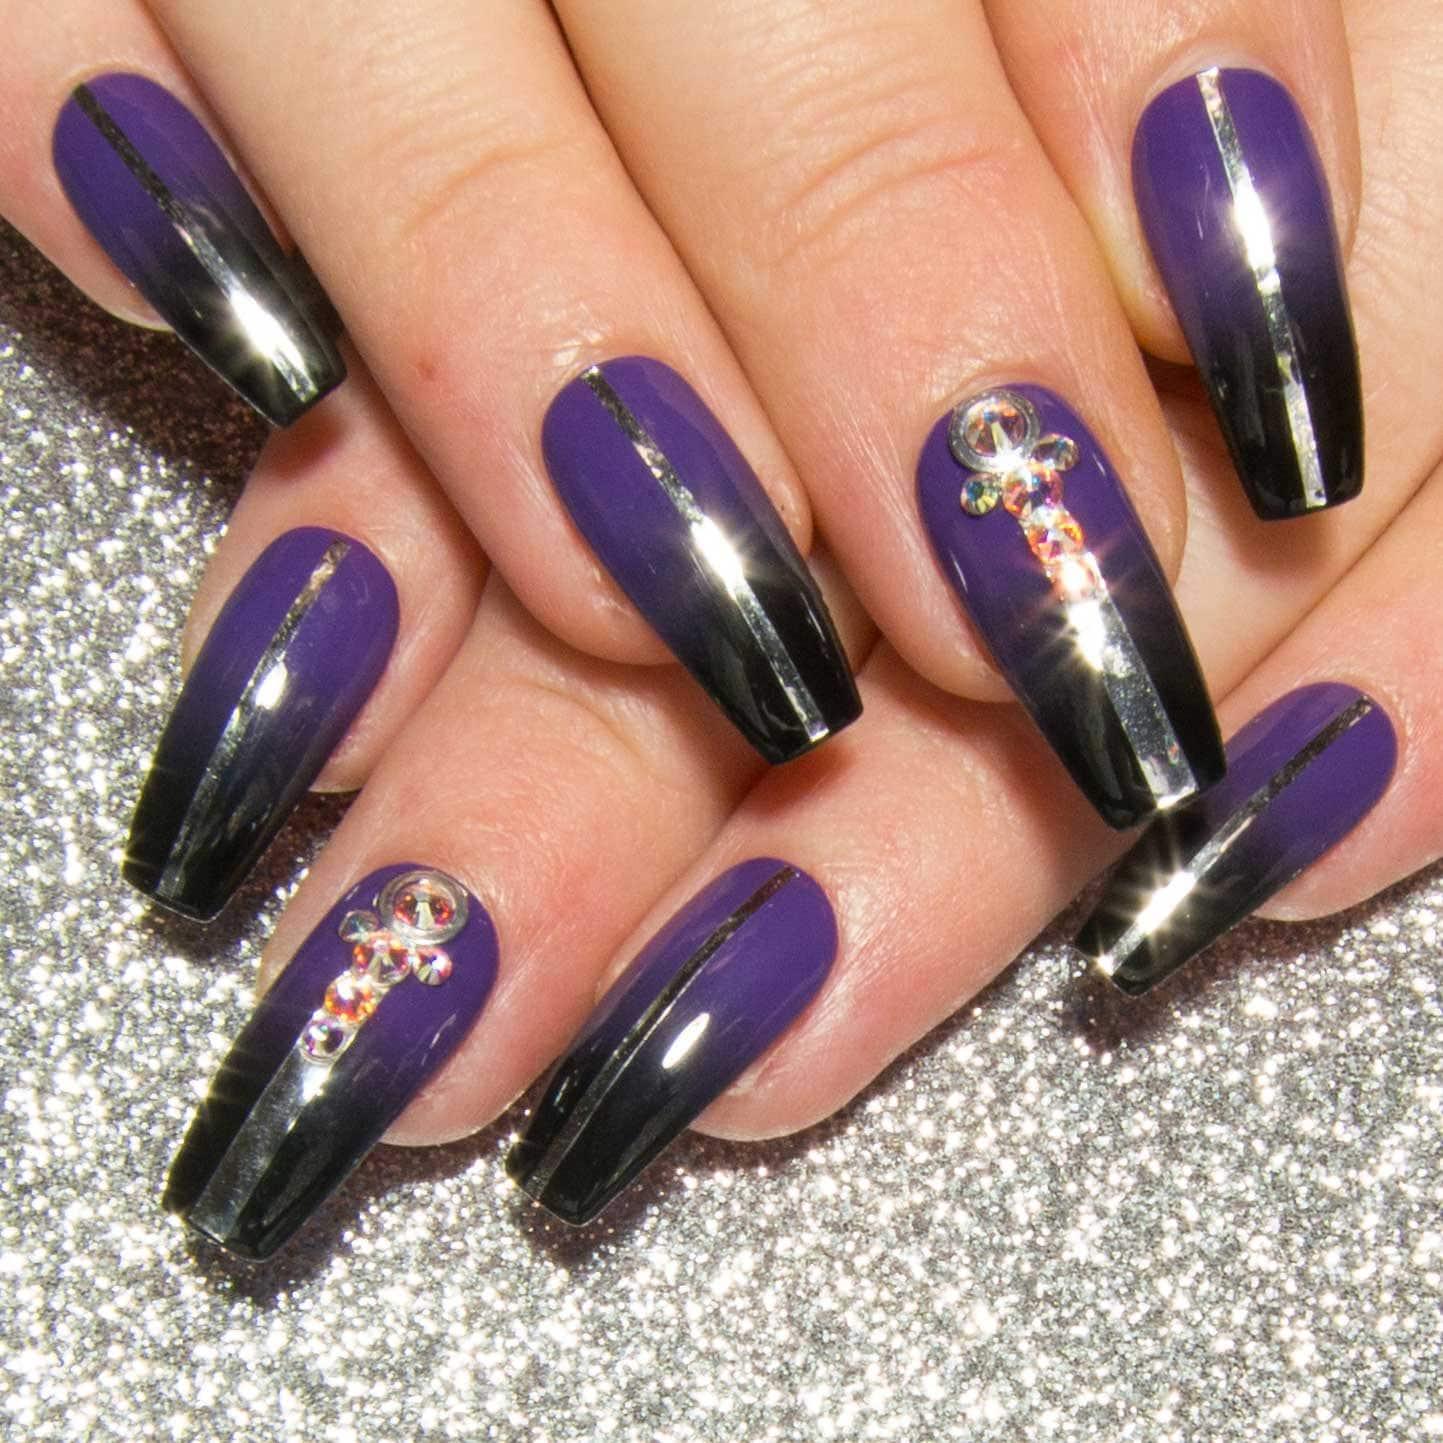 Lange Nägel in Sarg lila falsche Nägel drücken Sie auf